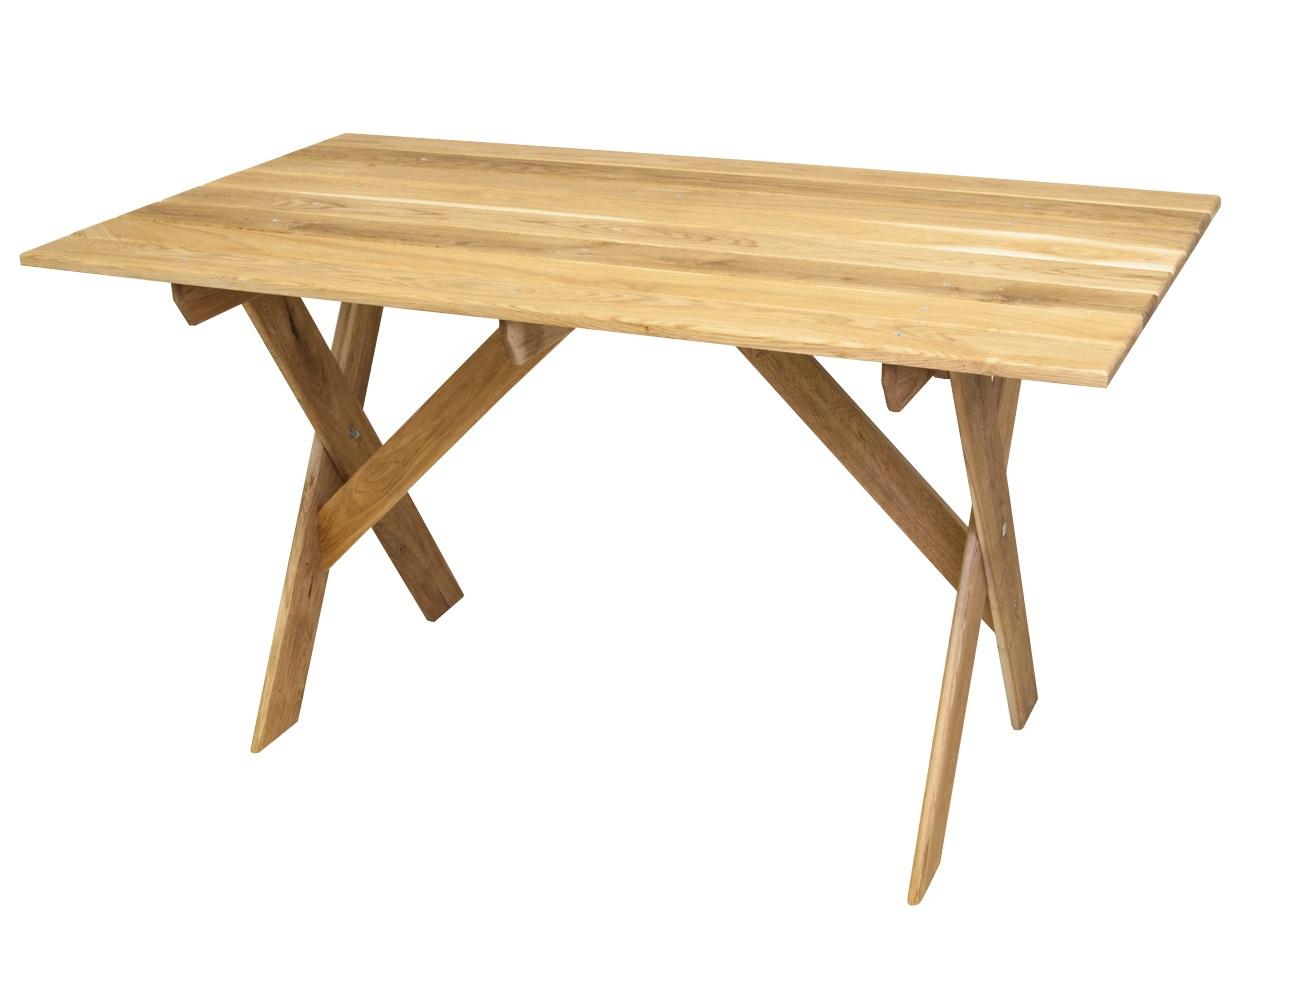 СтолОбеденные столы<br>Стол производится из массива дуба. Проходит термическую обработку и пропитку в экологически чистом масле с содержанием 30% парафина, применяемого в косметической отрасли. Эта технология не дает возможности проникать в древесину атмосферной влаге или прямого попадания воды(дождя). Мебель имеет натуральный цвет с хорошо выраженной структурой. Дополнительно не покрывается никакими красителями или пропитками.&amp;amp;nbsp;<br><br>Material: Дуб<br>Ширина см: 200<br>Высота см: 78<br>Глубина см: 80